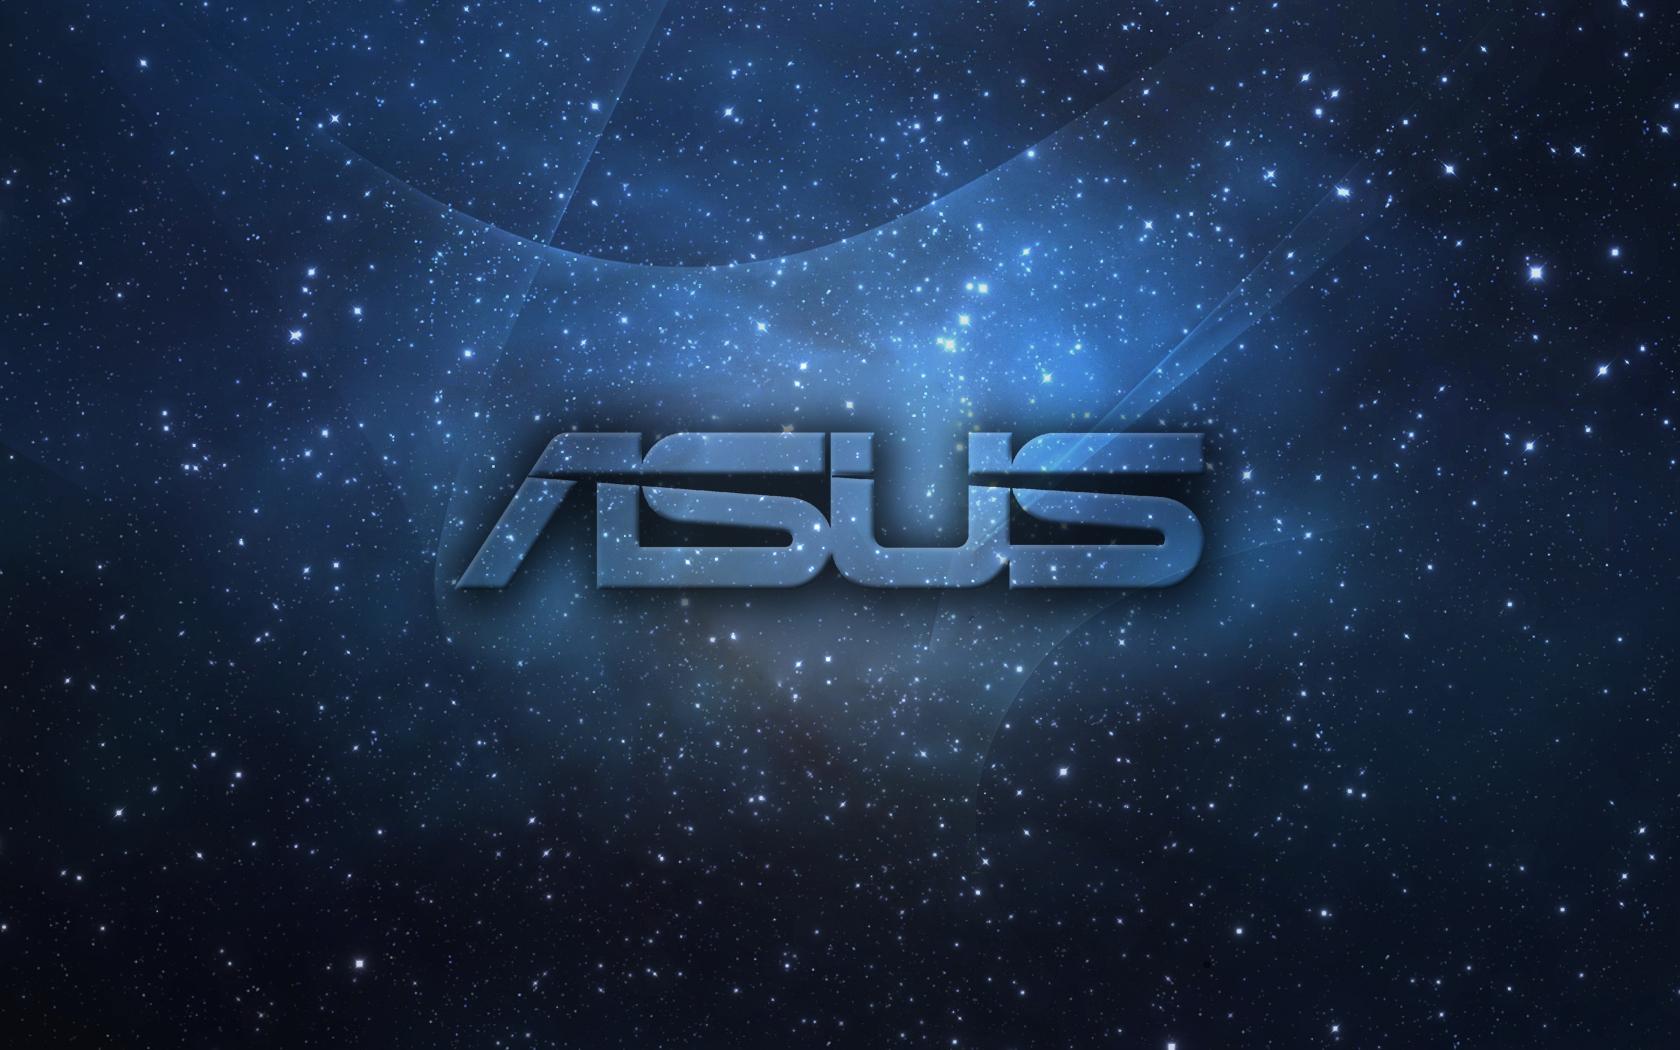 Asus Wallpaper 1680x1050 Asus 1680x1050